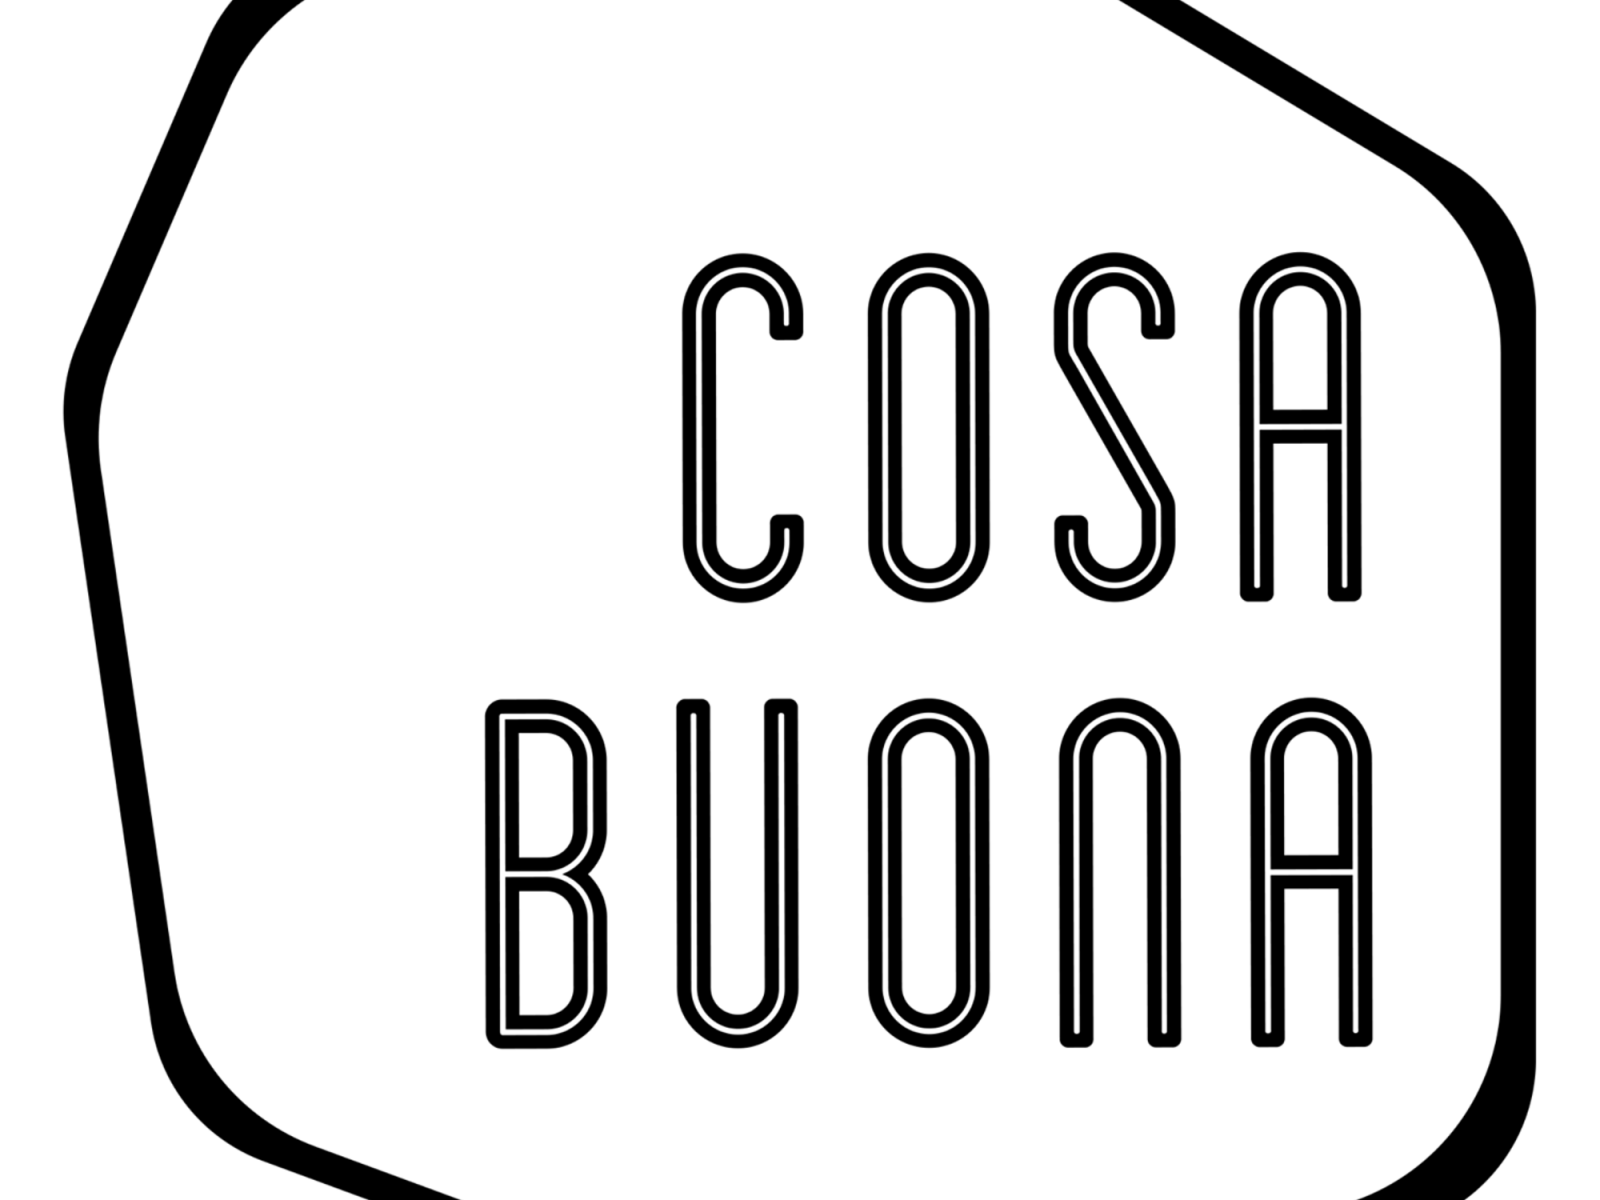 Cosa Buona